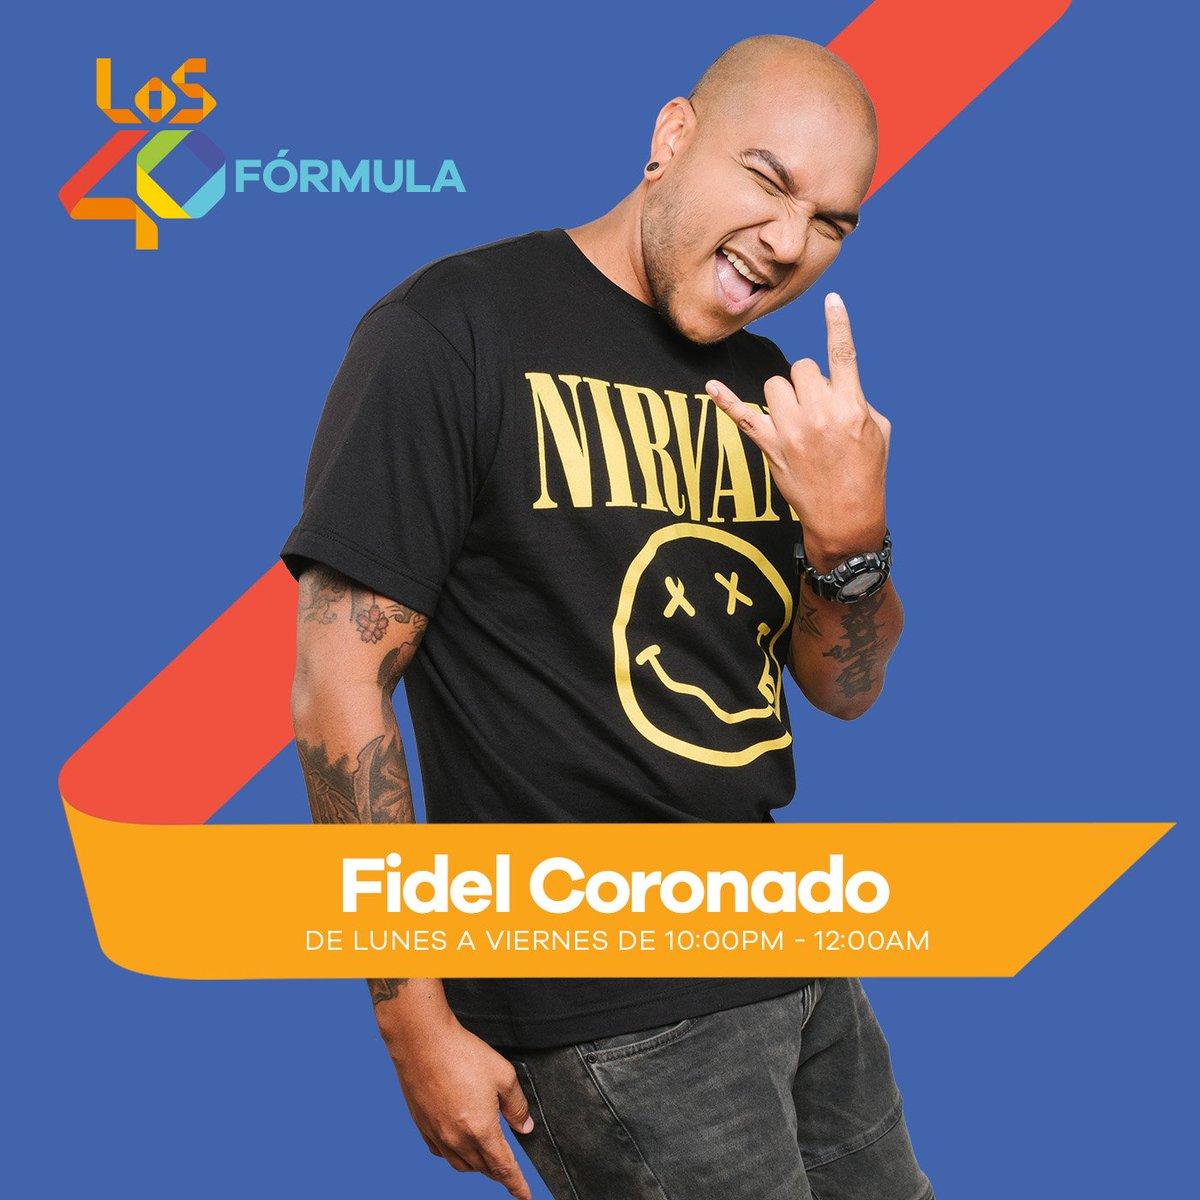 Sigue la #Formula40 con @djfidelcoronado Sintoniza Acá!